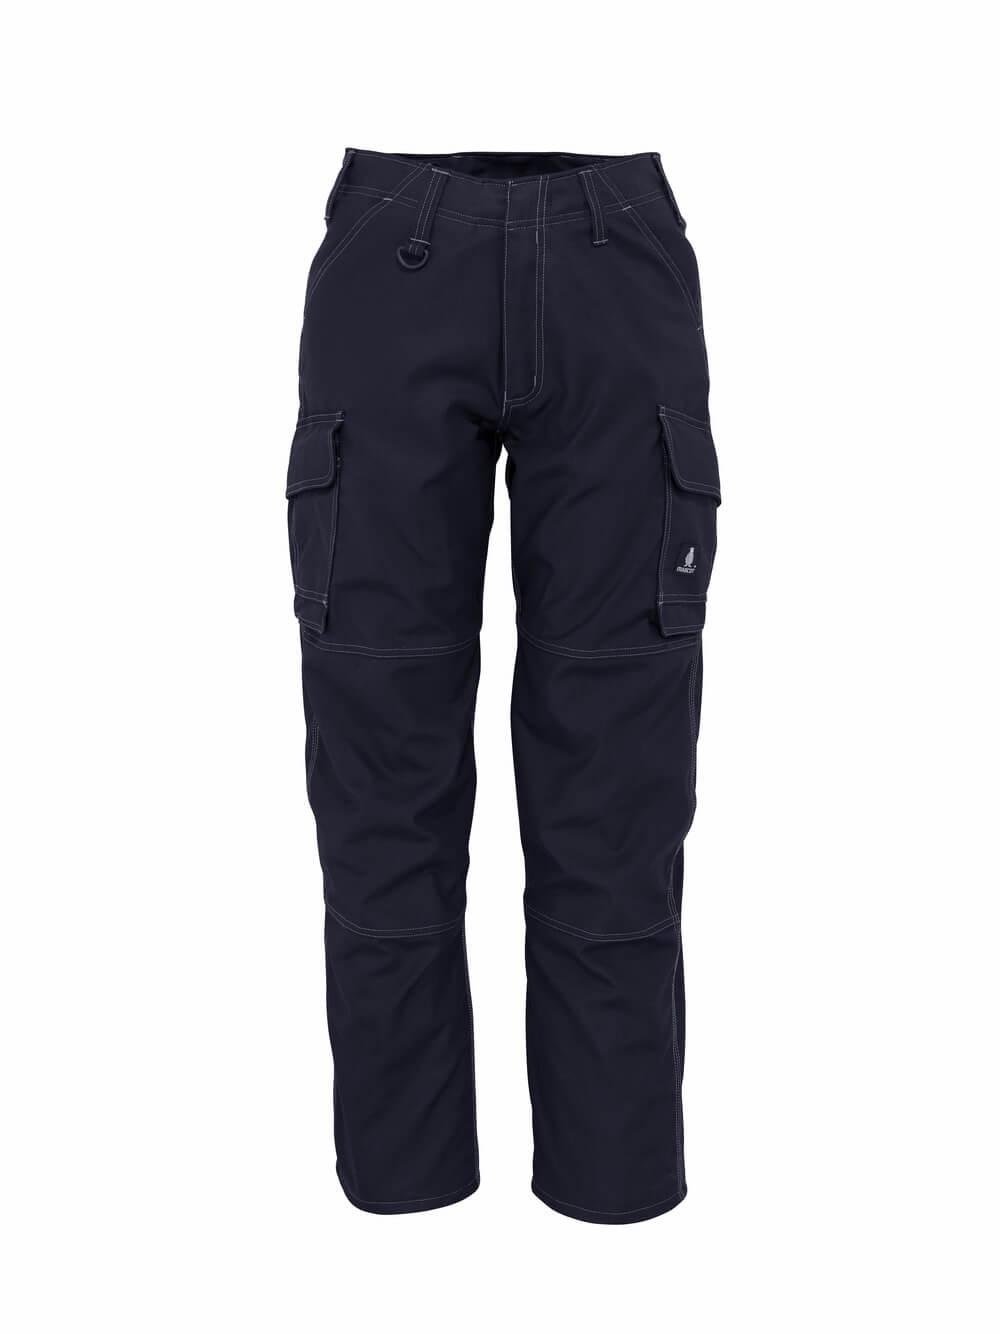 10279-154-010 Pantaloni con tasche sulle cosce - blu navy scuro